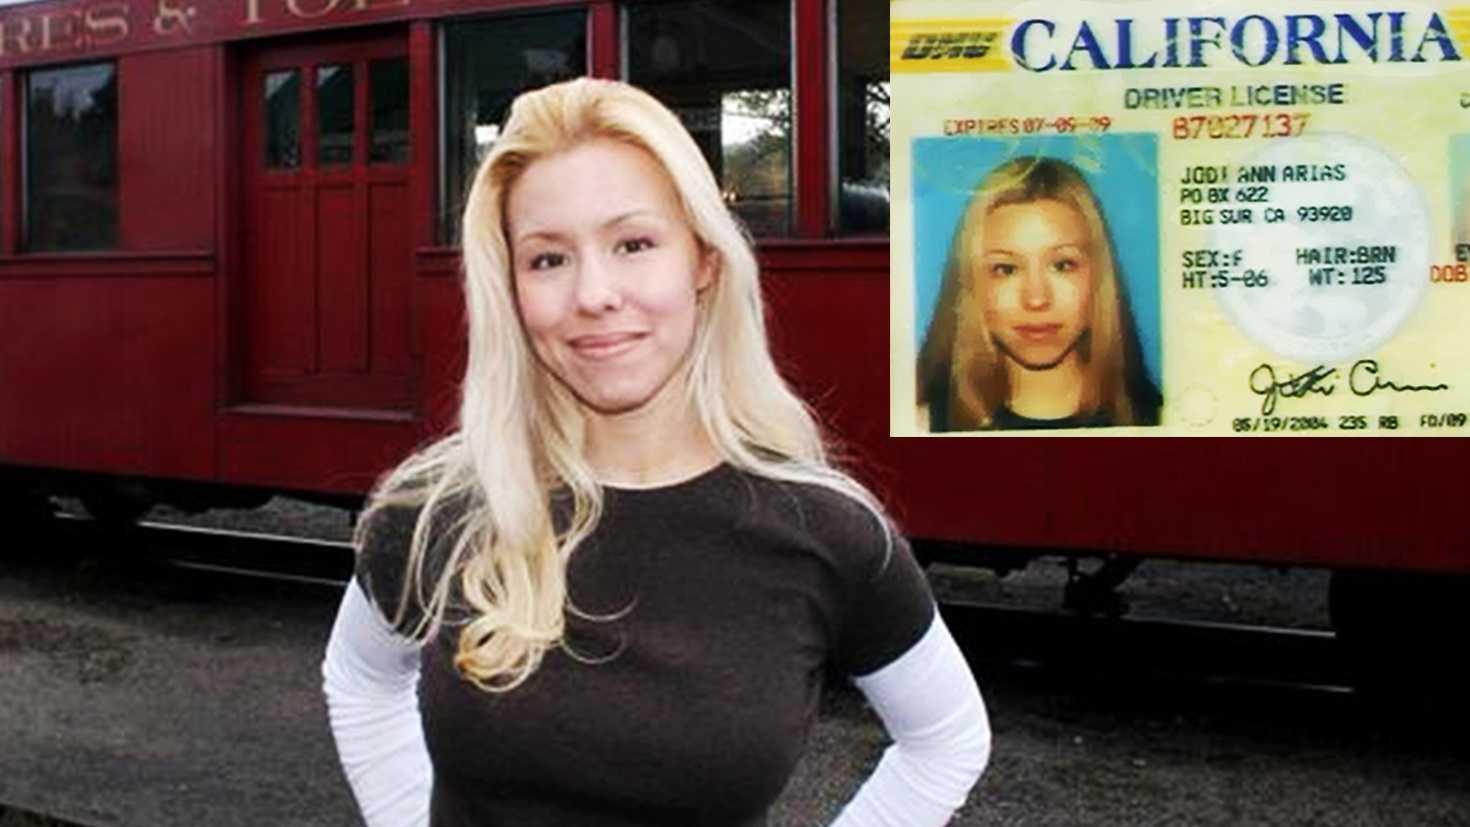 Jodi Ann Arias is accused of murdering her ex-boyfriend,Travis Alexander.